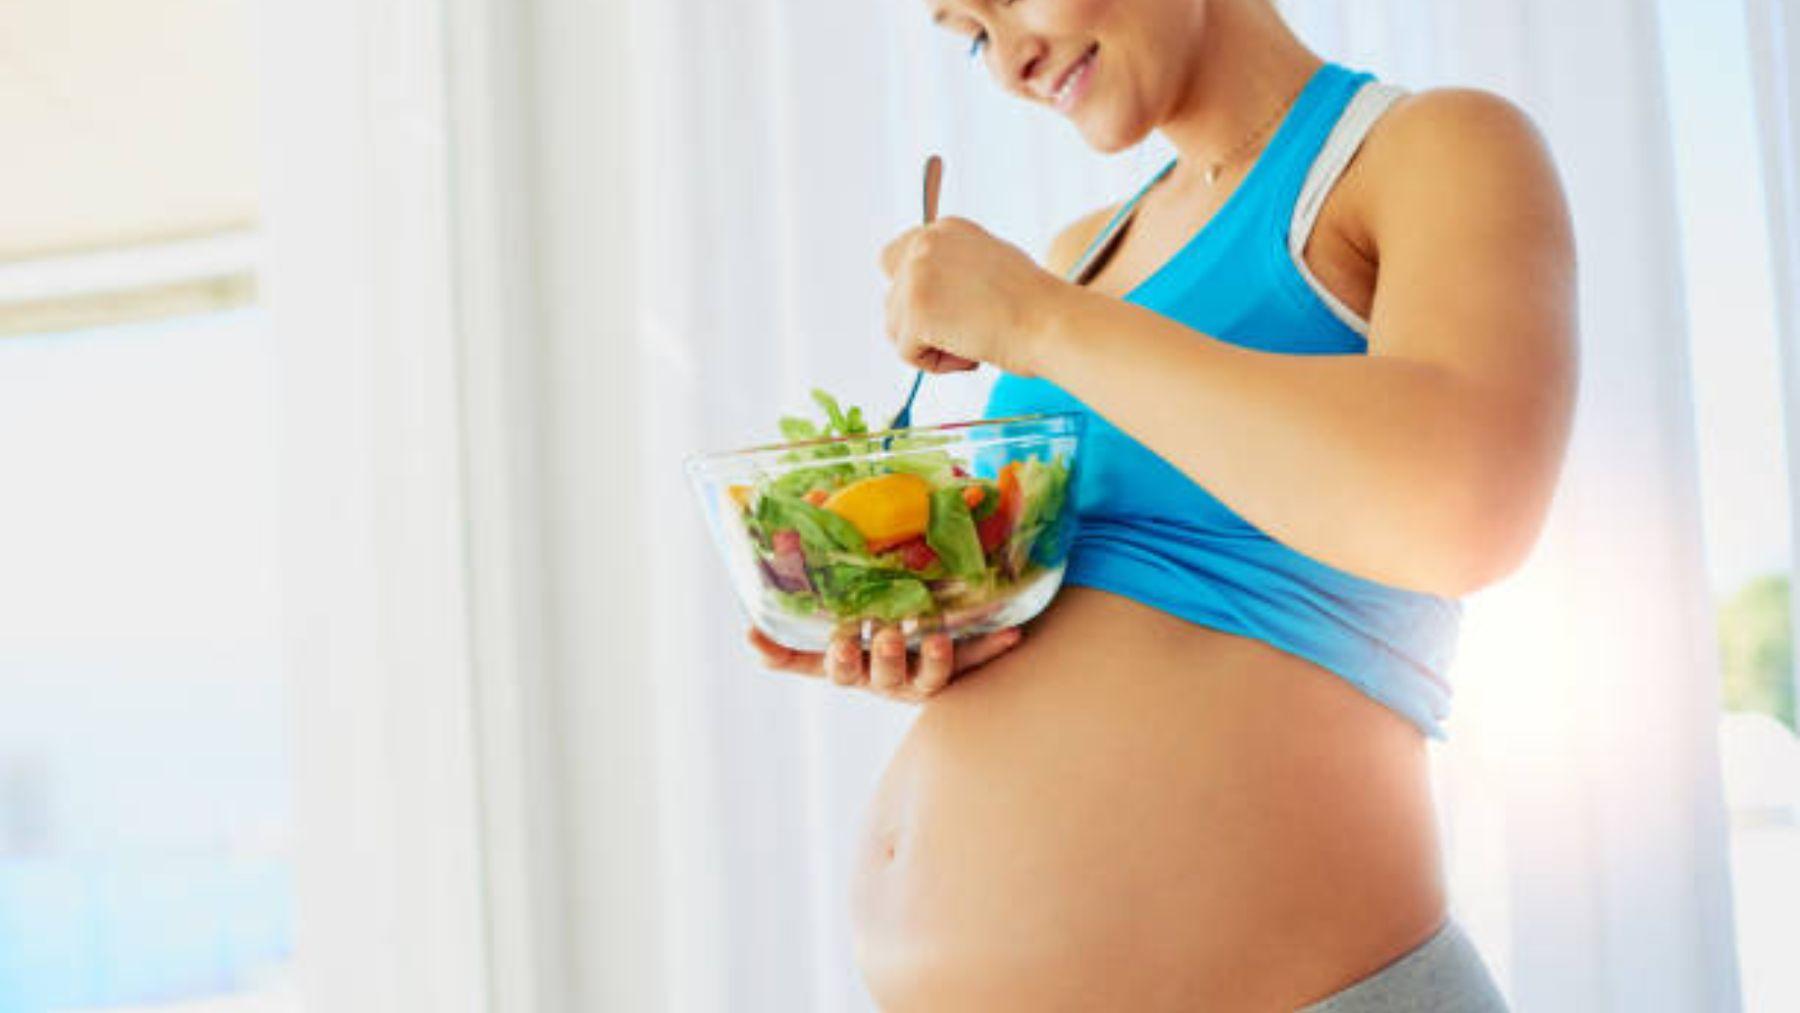 Las pautas para adelgazar correctamente durante el embarazo